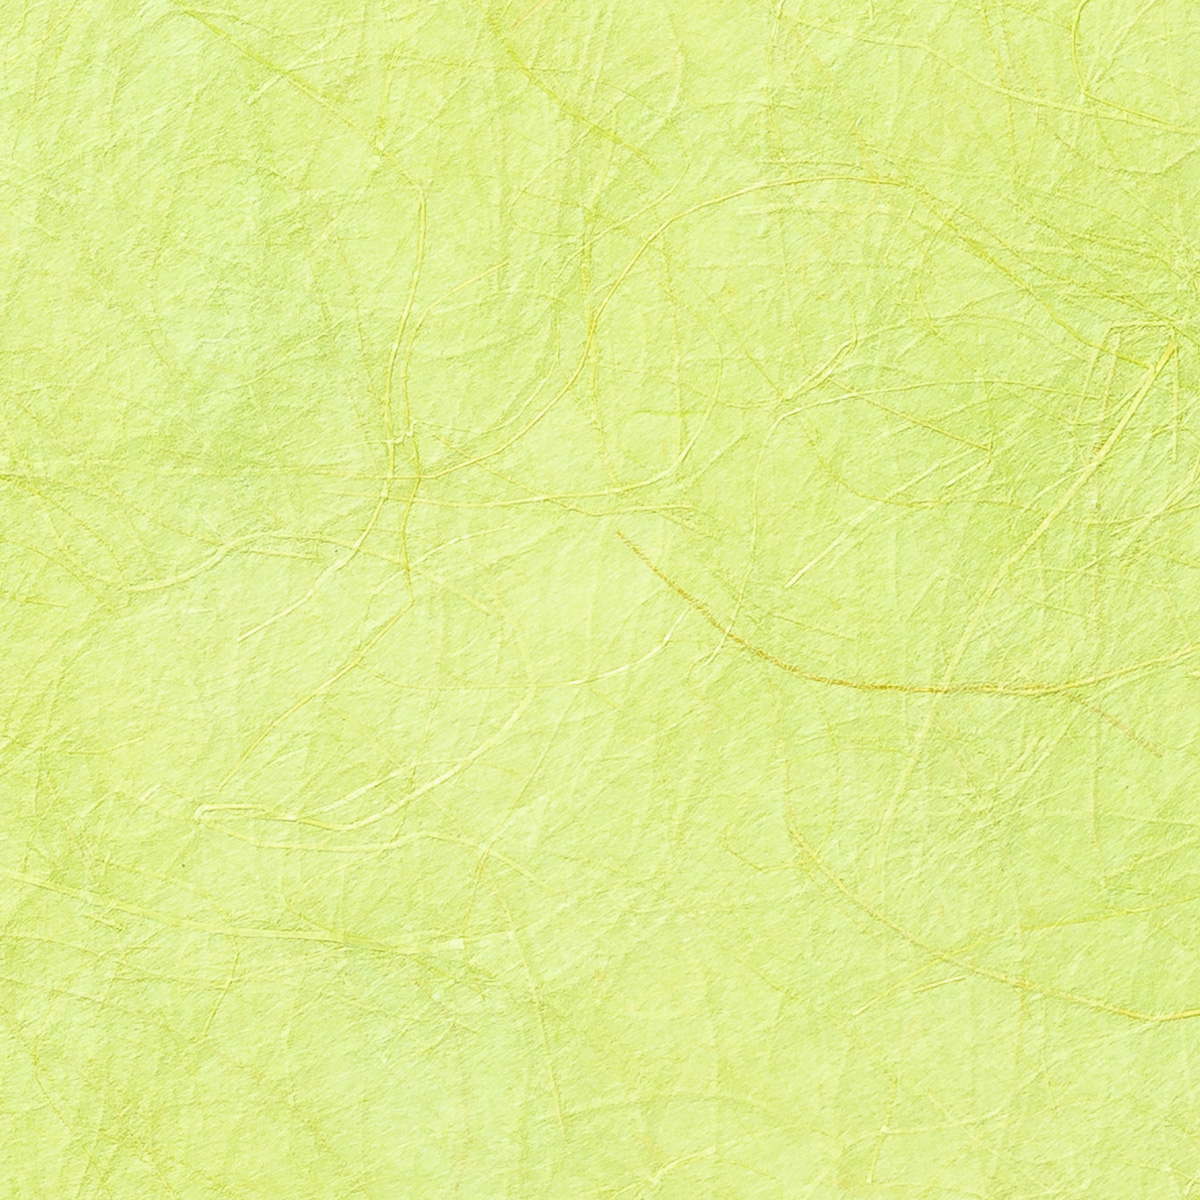 阿波 金和紙(マニラ麻紙)L10